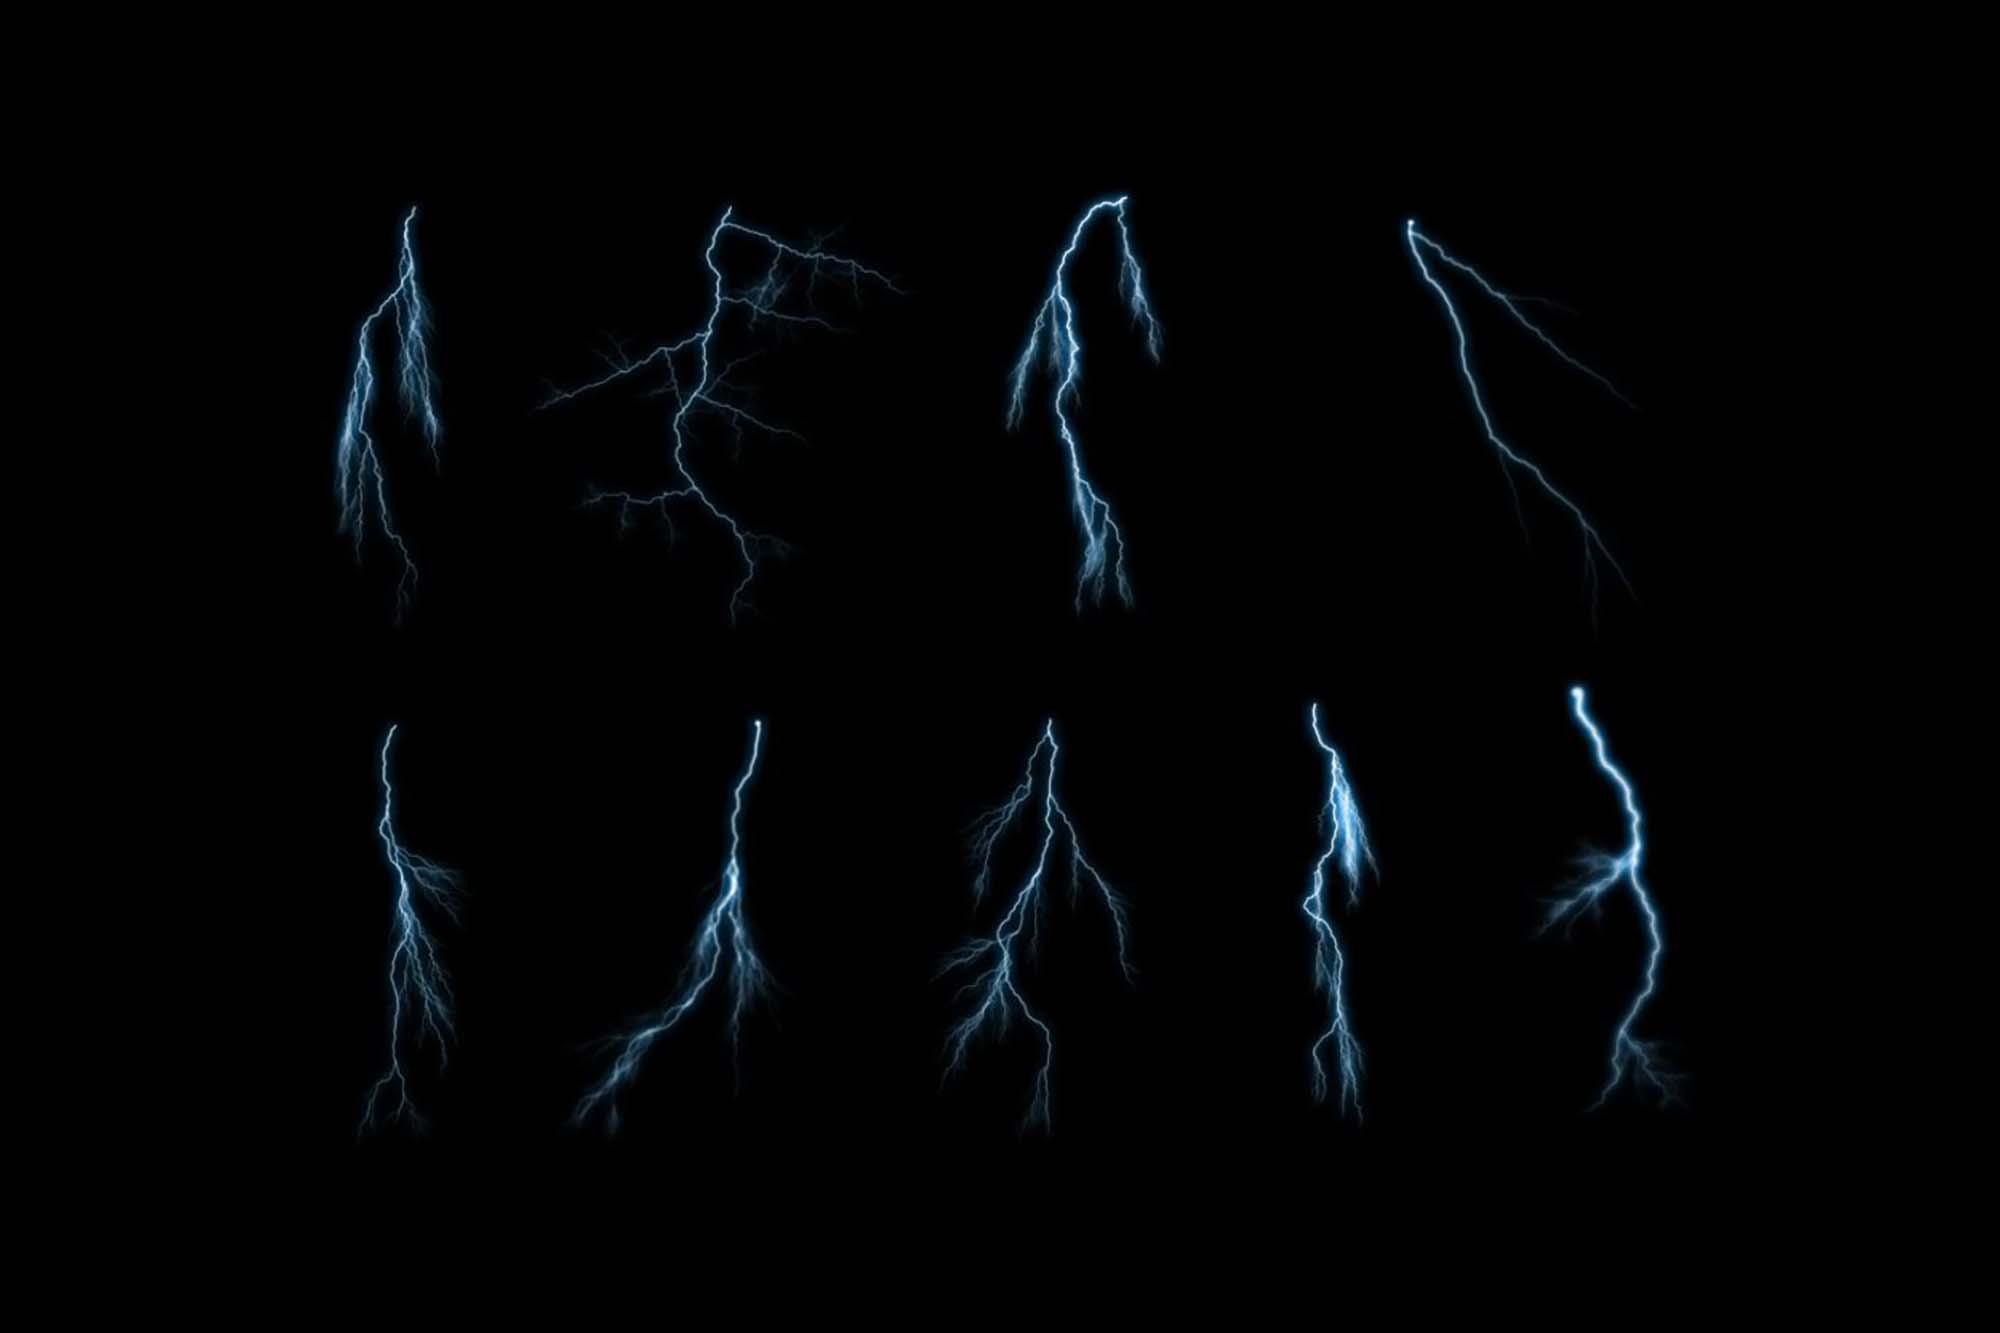 Thin Lightning Photoshop Brushes 2